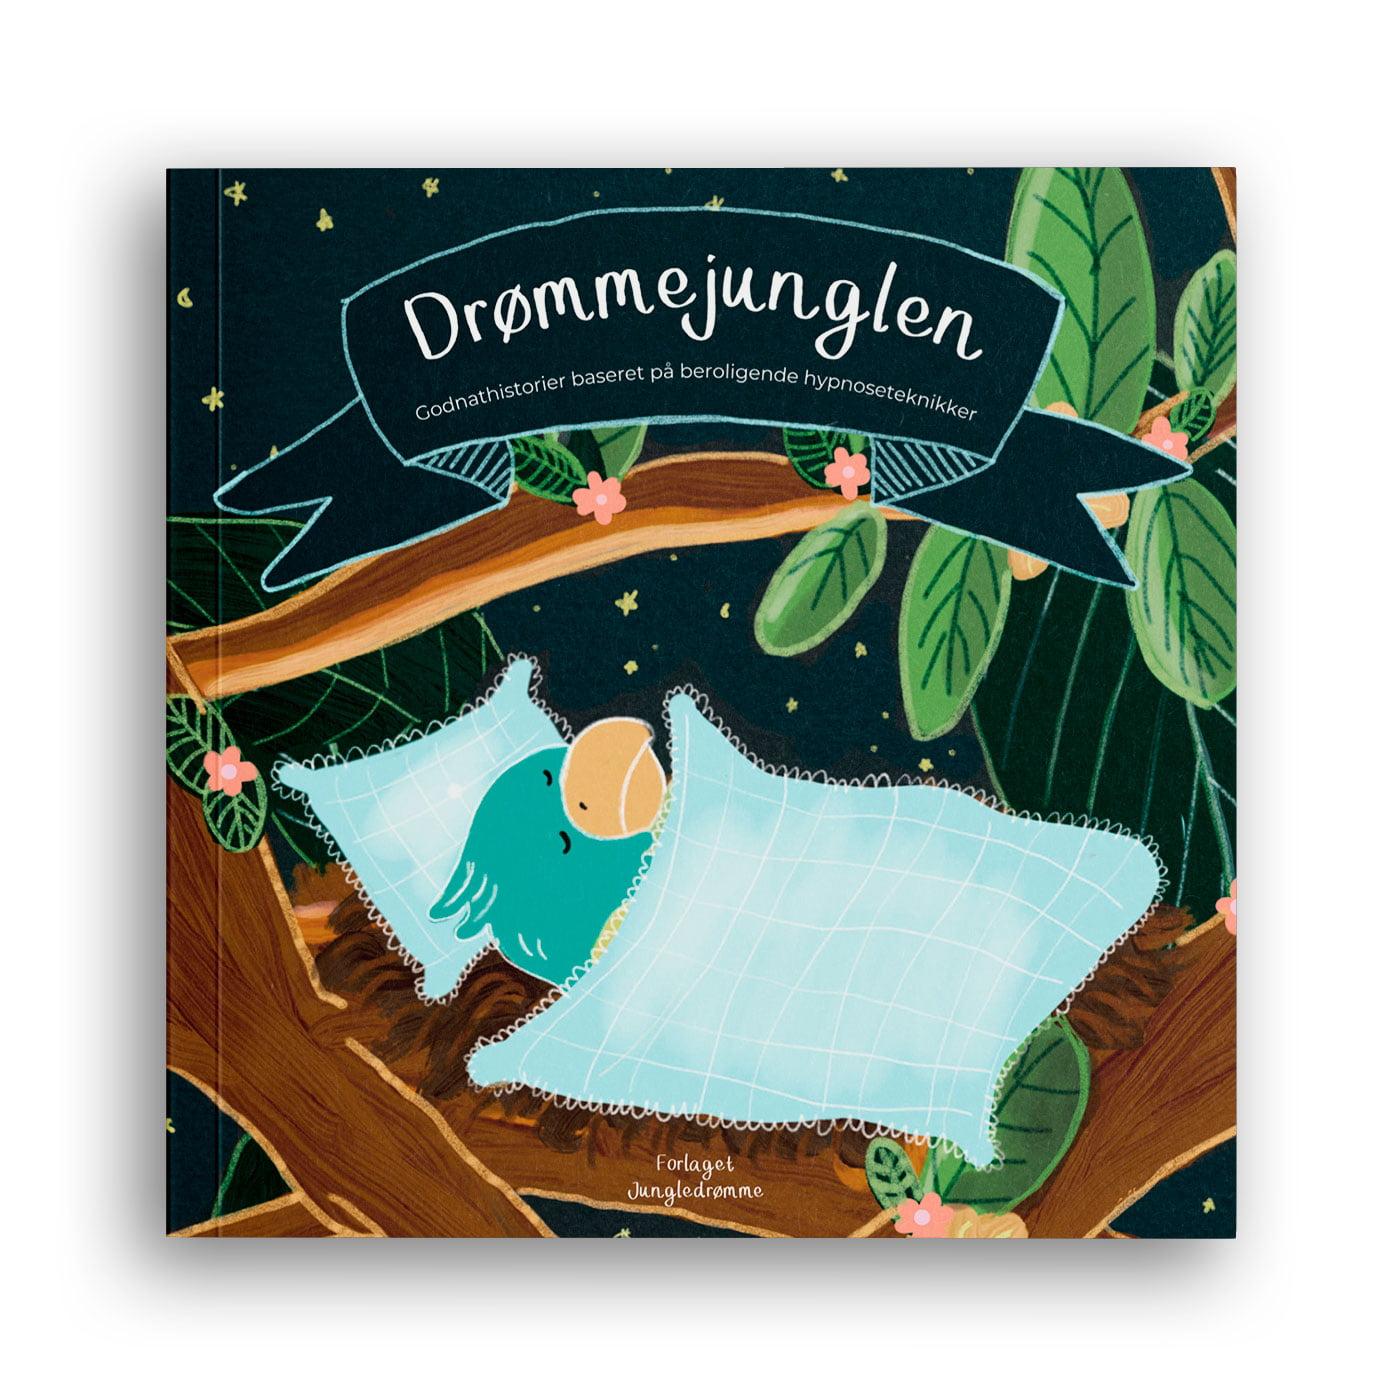 Drømmejunglen - godnathistorier